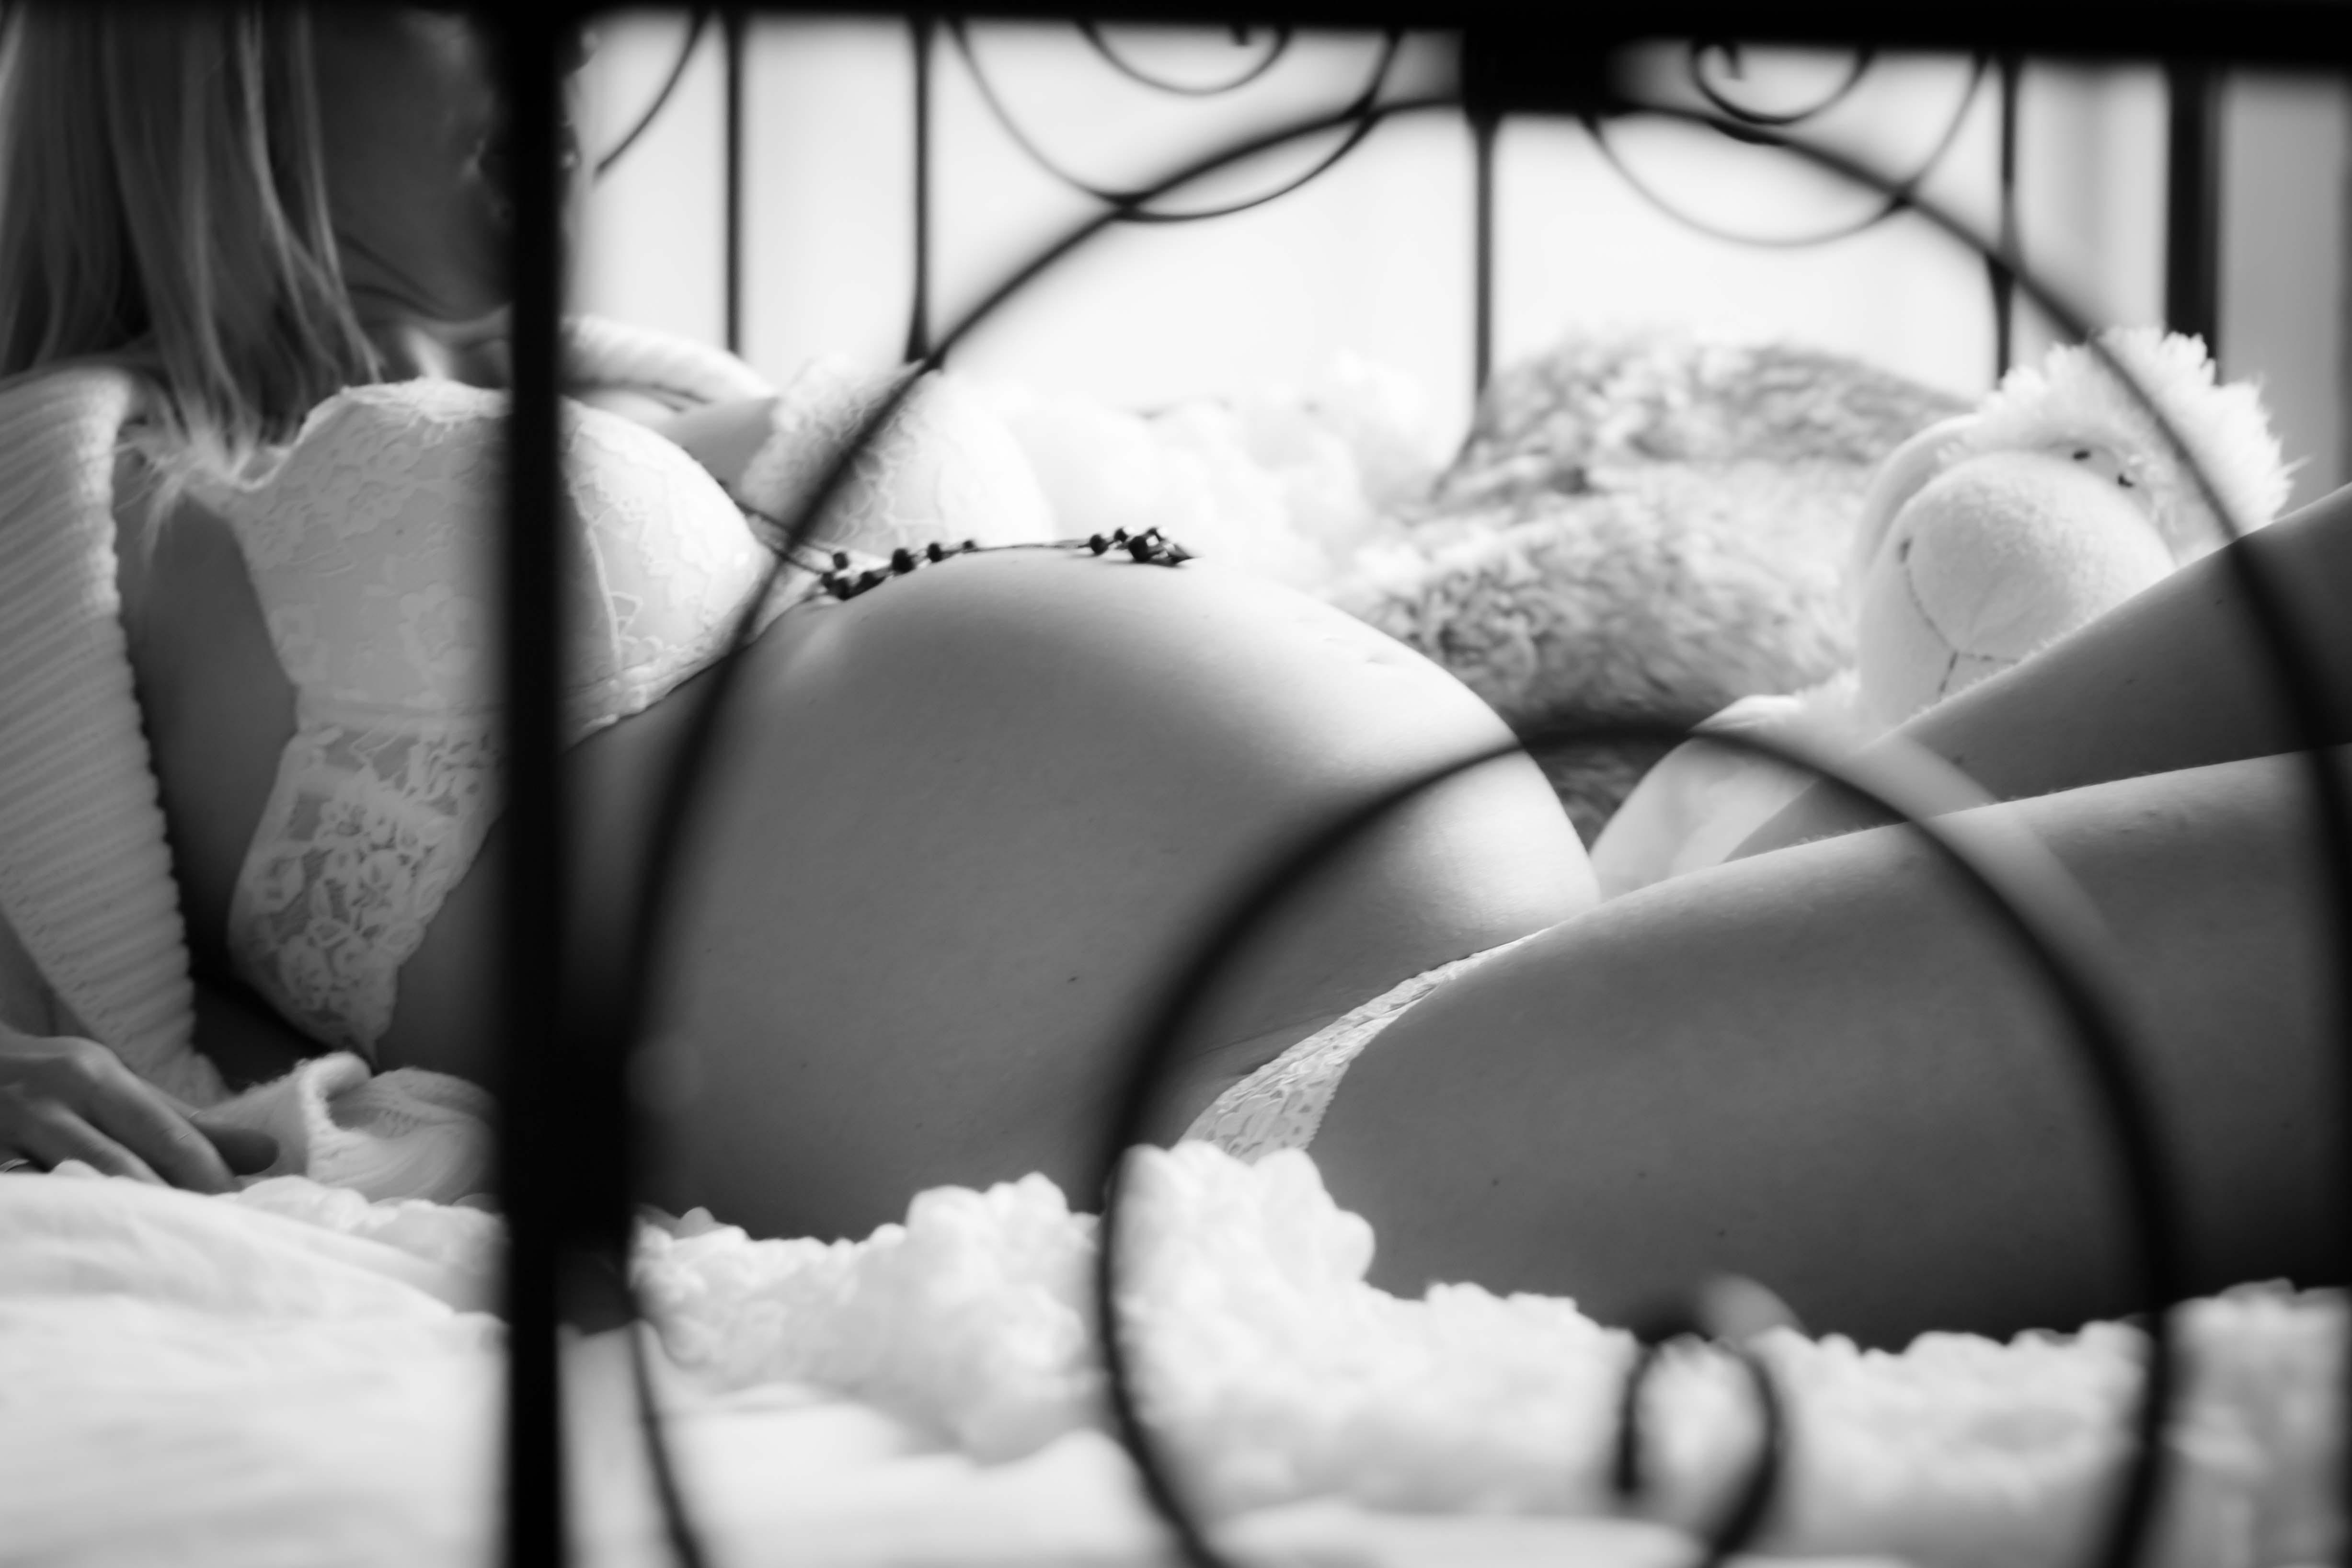 Schwangere mit Dessous im Bett